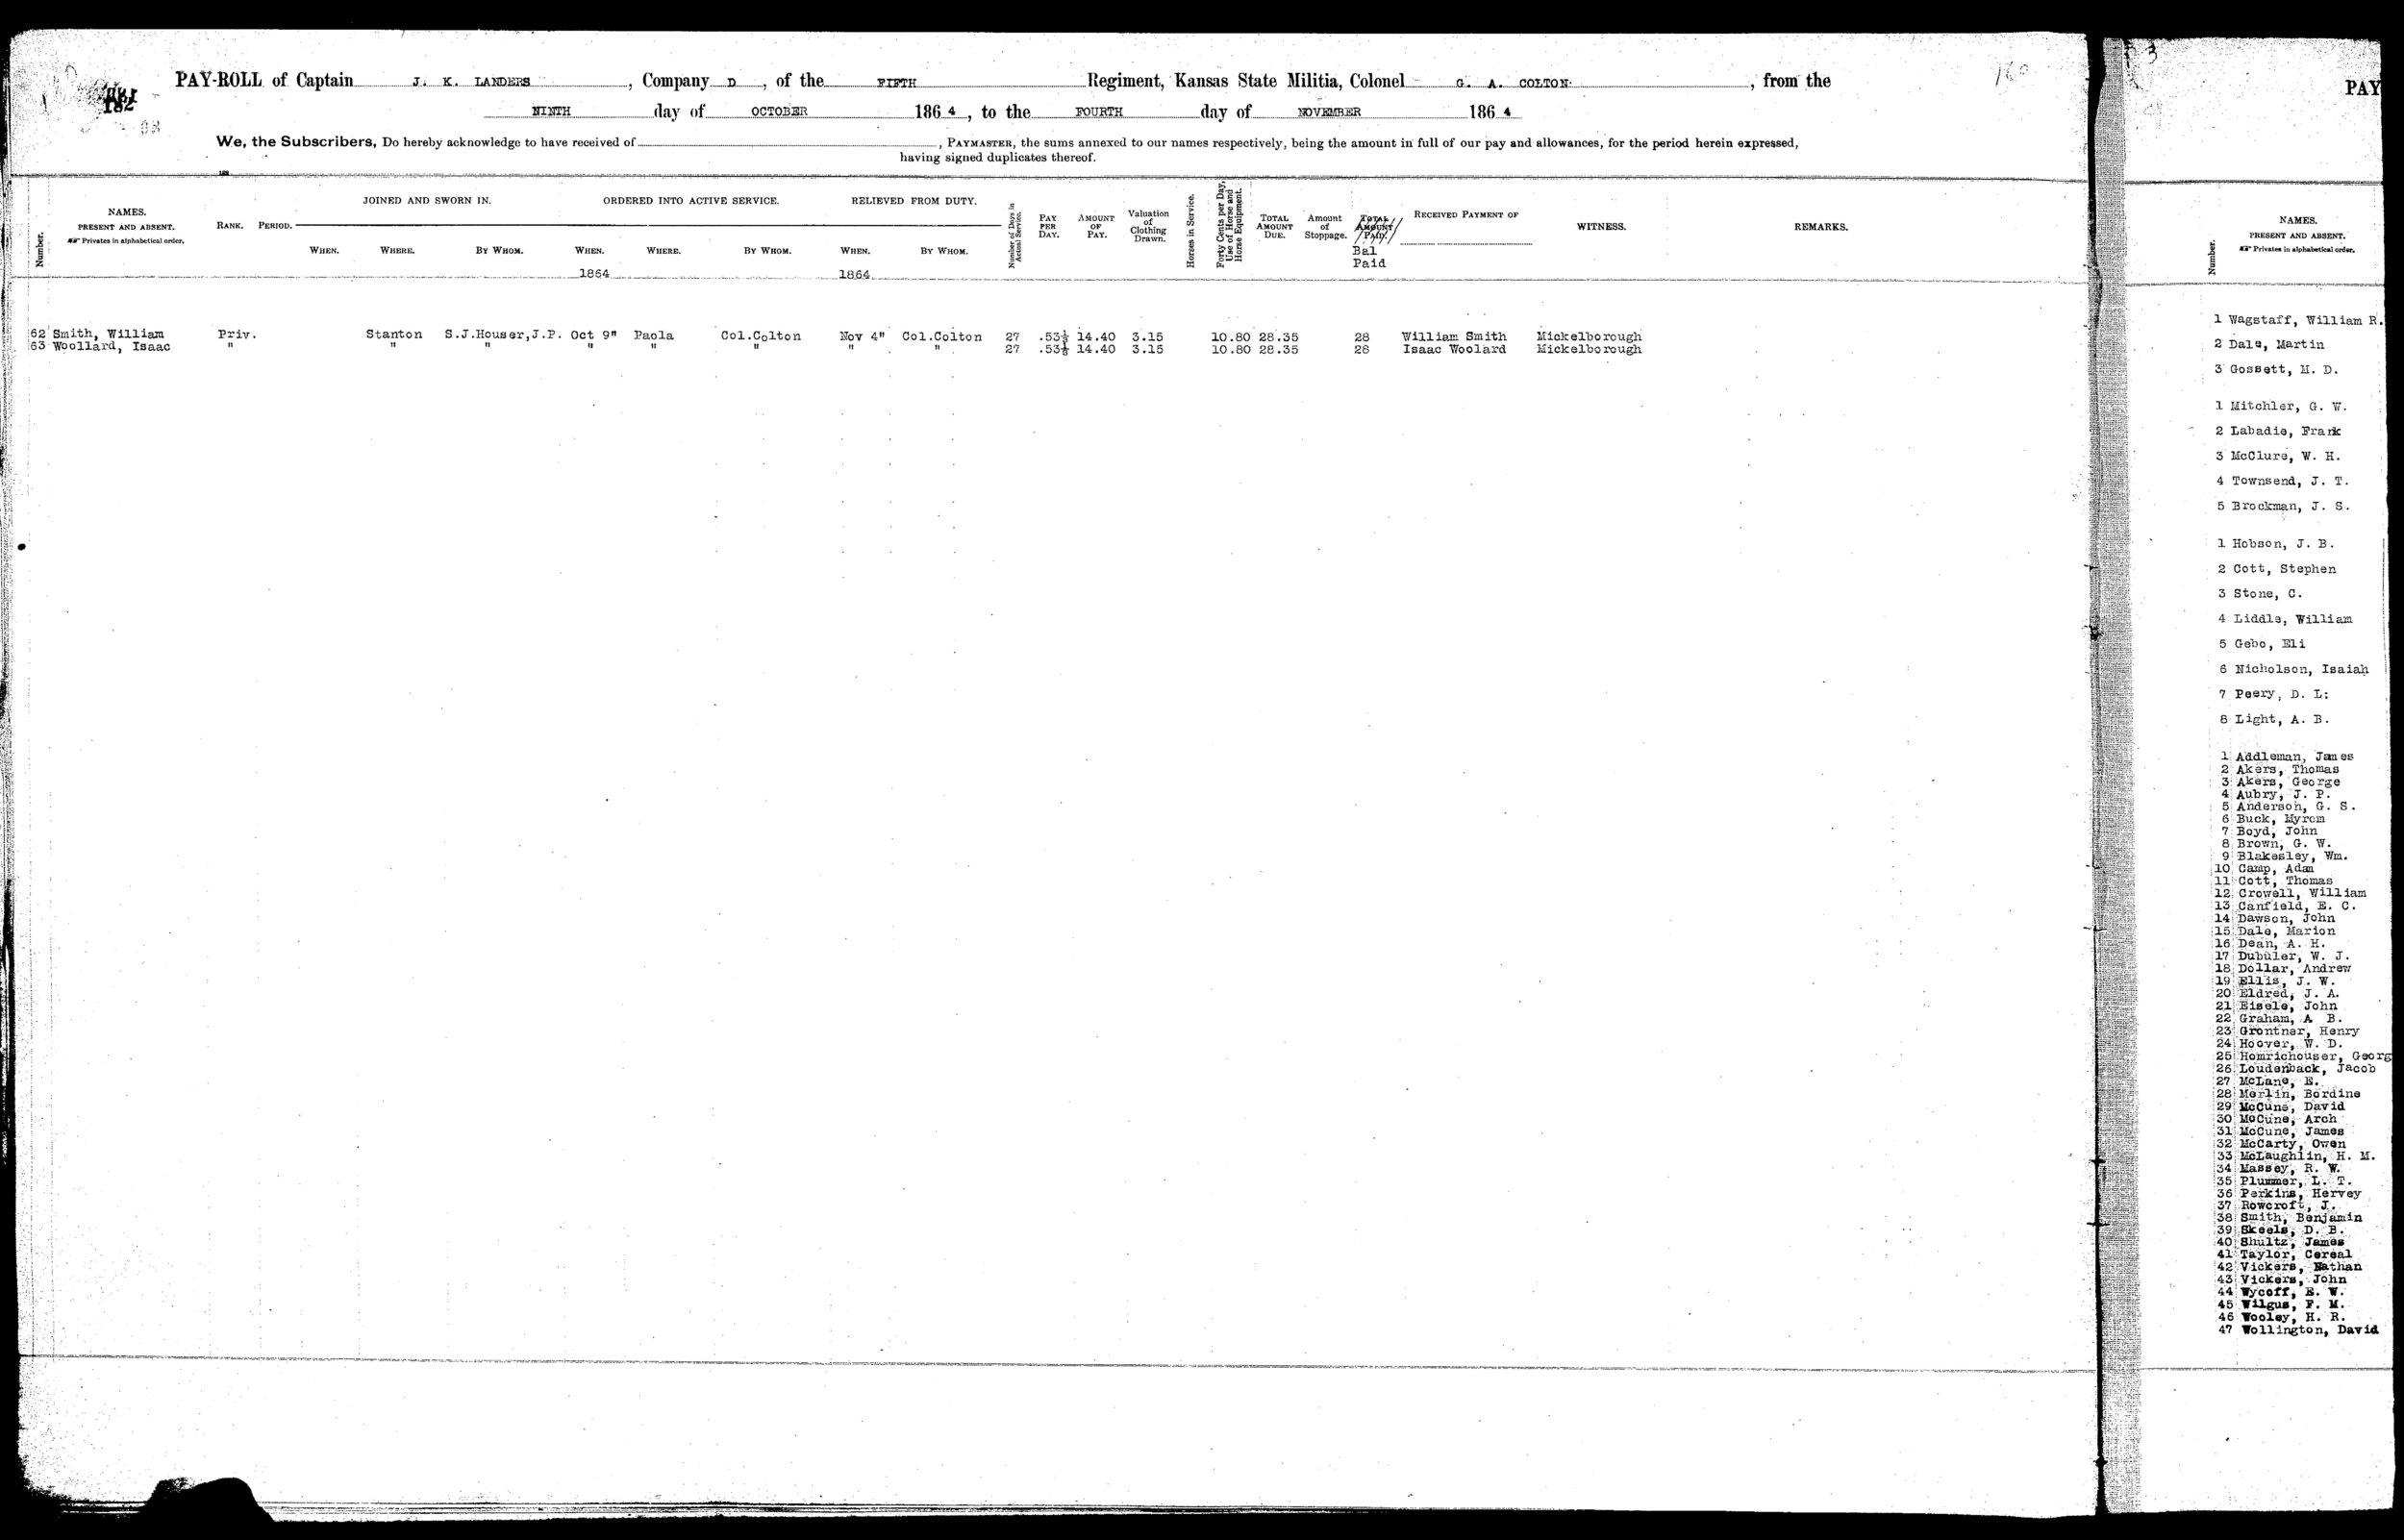 Muster rolls, Kansas State Militia, volume  3 - 11